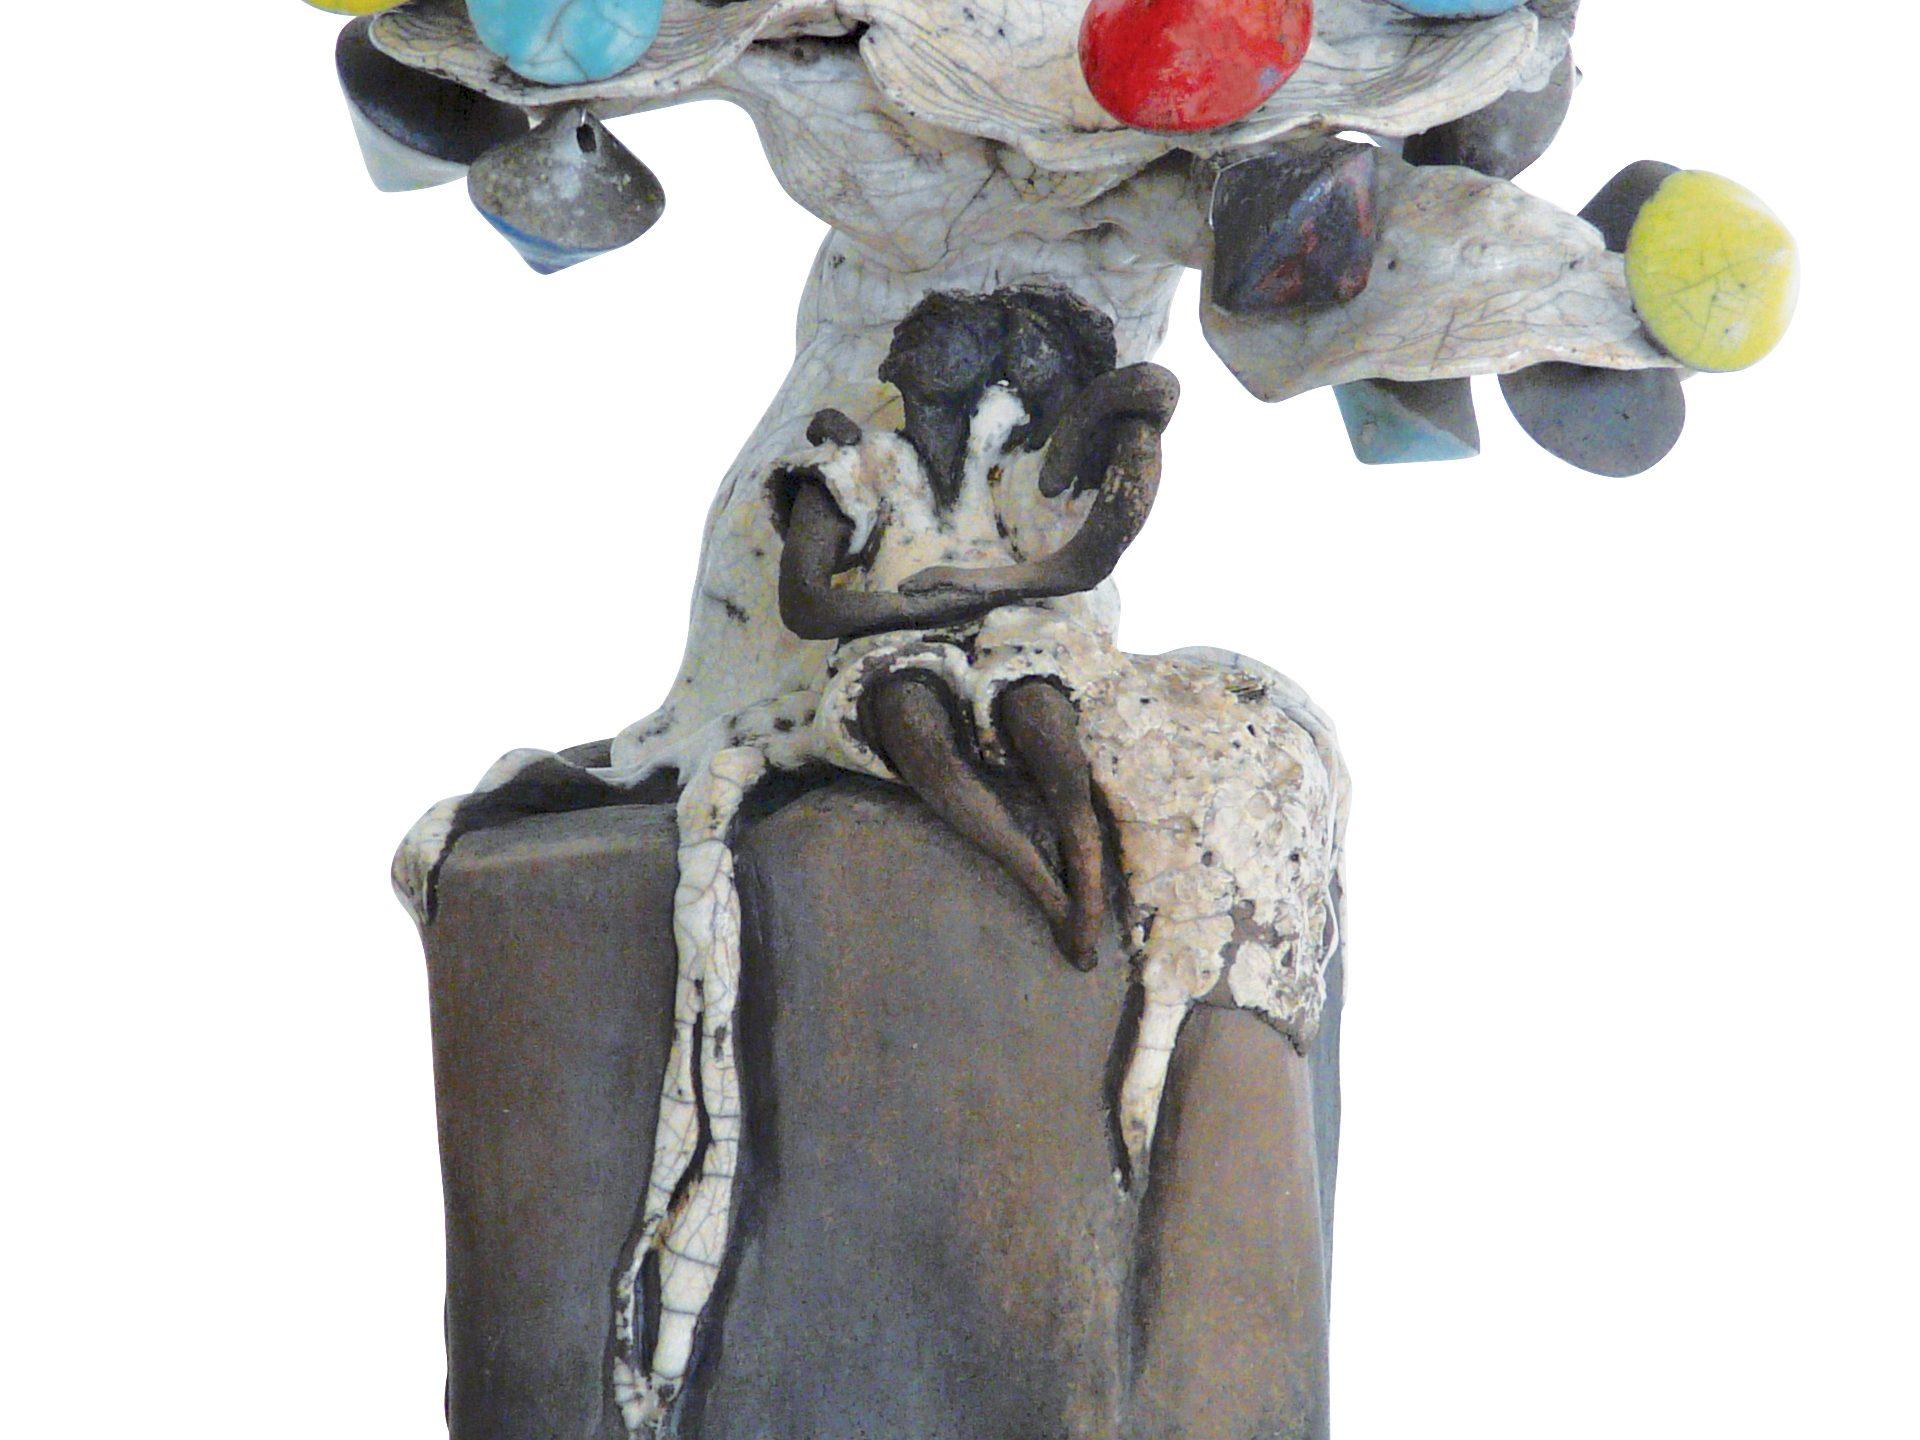 Rendez-vous sous le Culbutotier en fleurs - Grès - Raku - Sculptures céramique de Florence Lemiegre